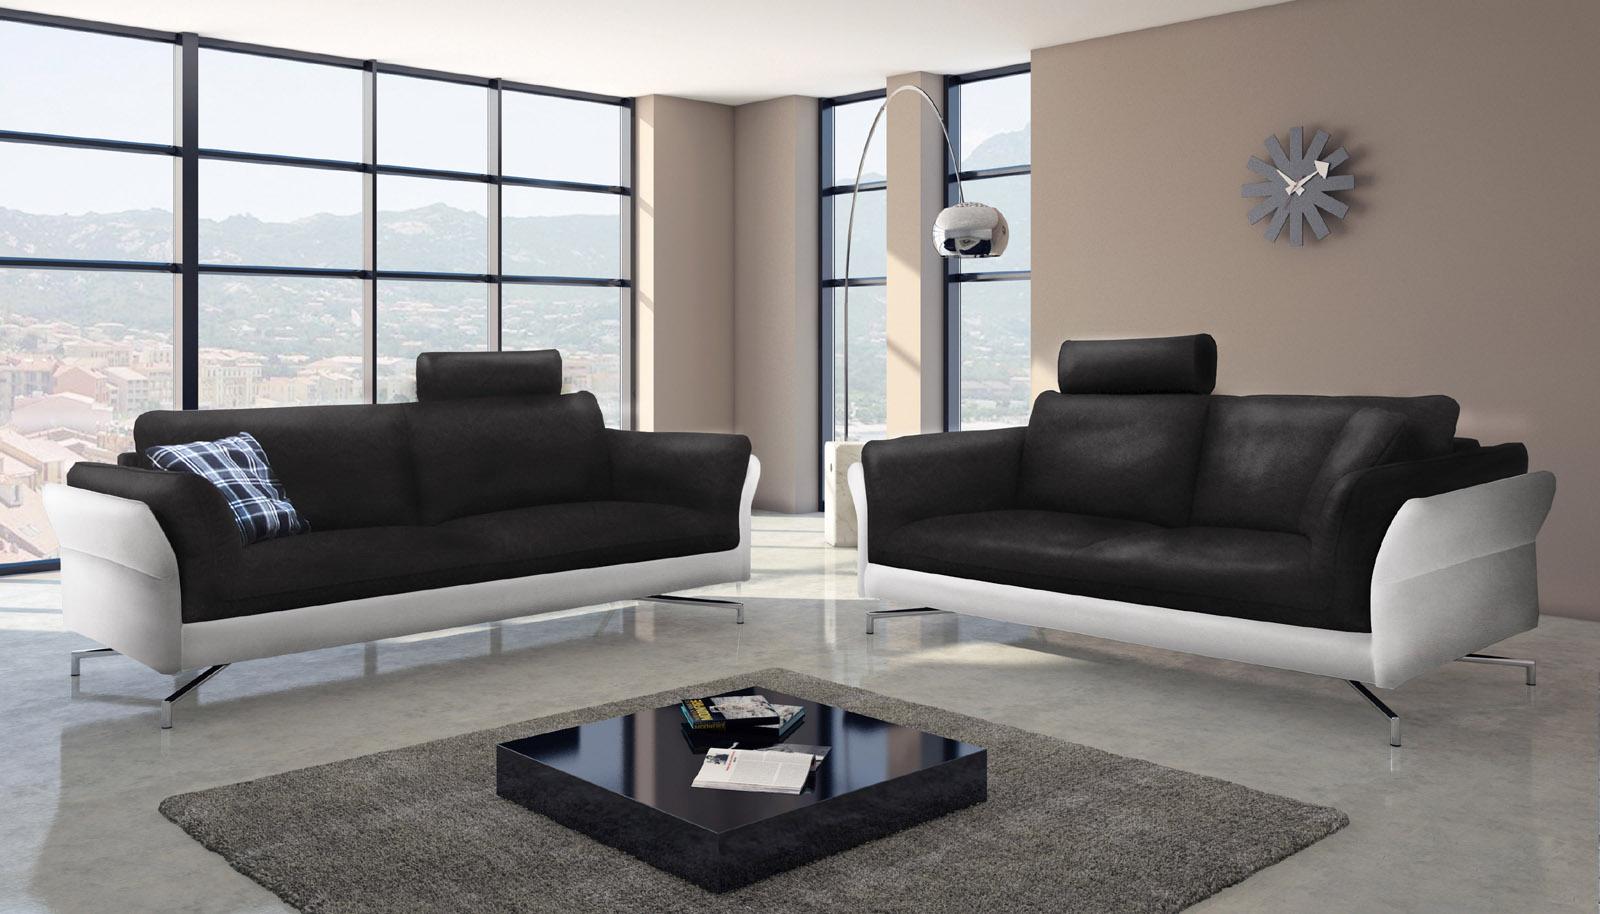 Full Size of Sofa Garnitur Couchgarnitur Leder Kaufen Couch Ikea 2 Teilig 3 1 Moderne Garnituren Kasper Wohndesign Schwarz Echtleder Rundecke 3 2 1 Poco Design Sitzer Wei Sofa Sofa Garnitur